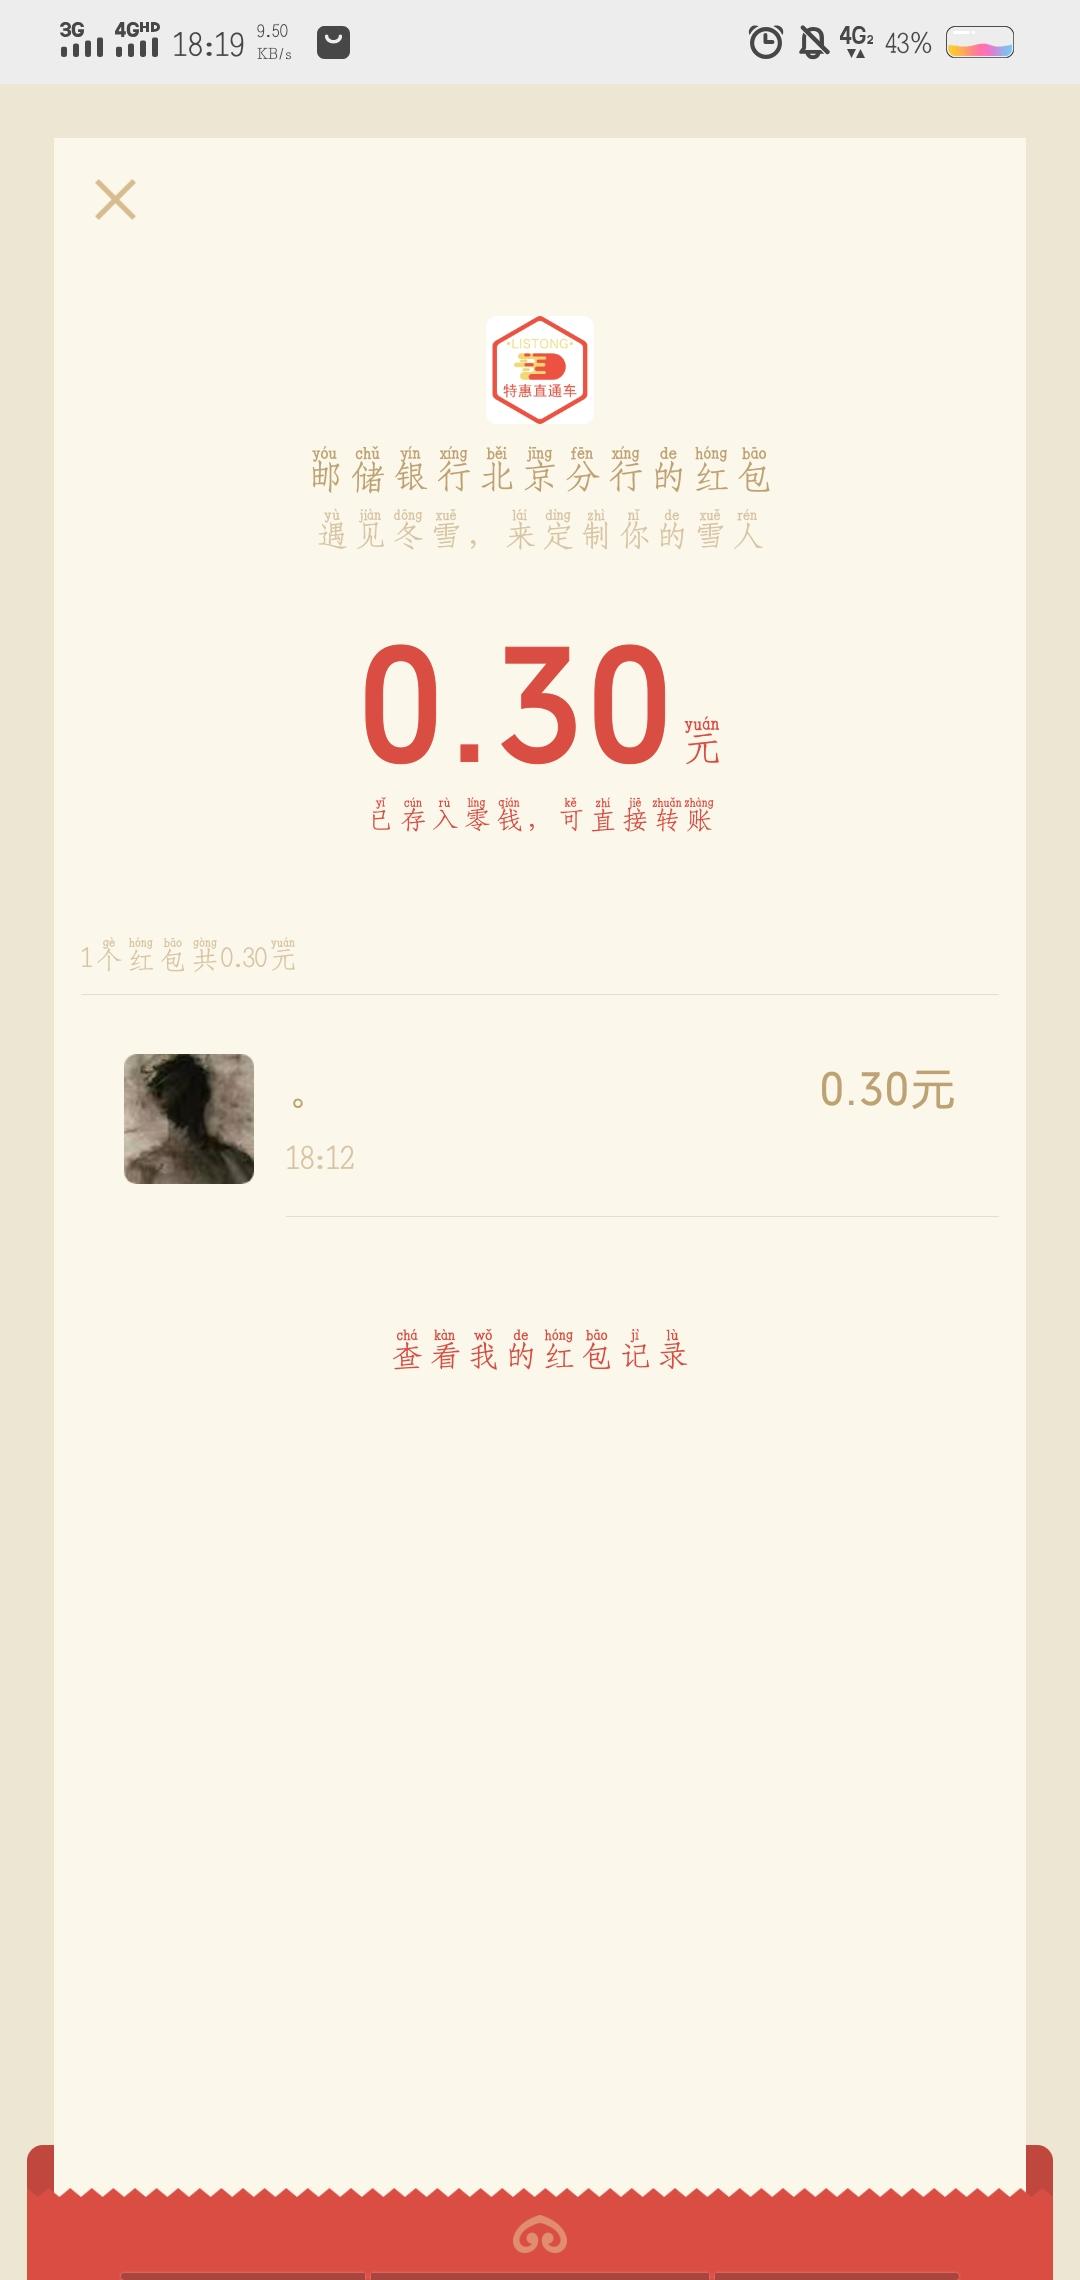 图片[3]-关注邮储银行北京分行-老友薅羊毛活动线报网